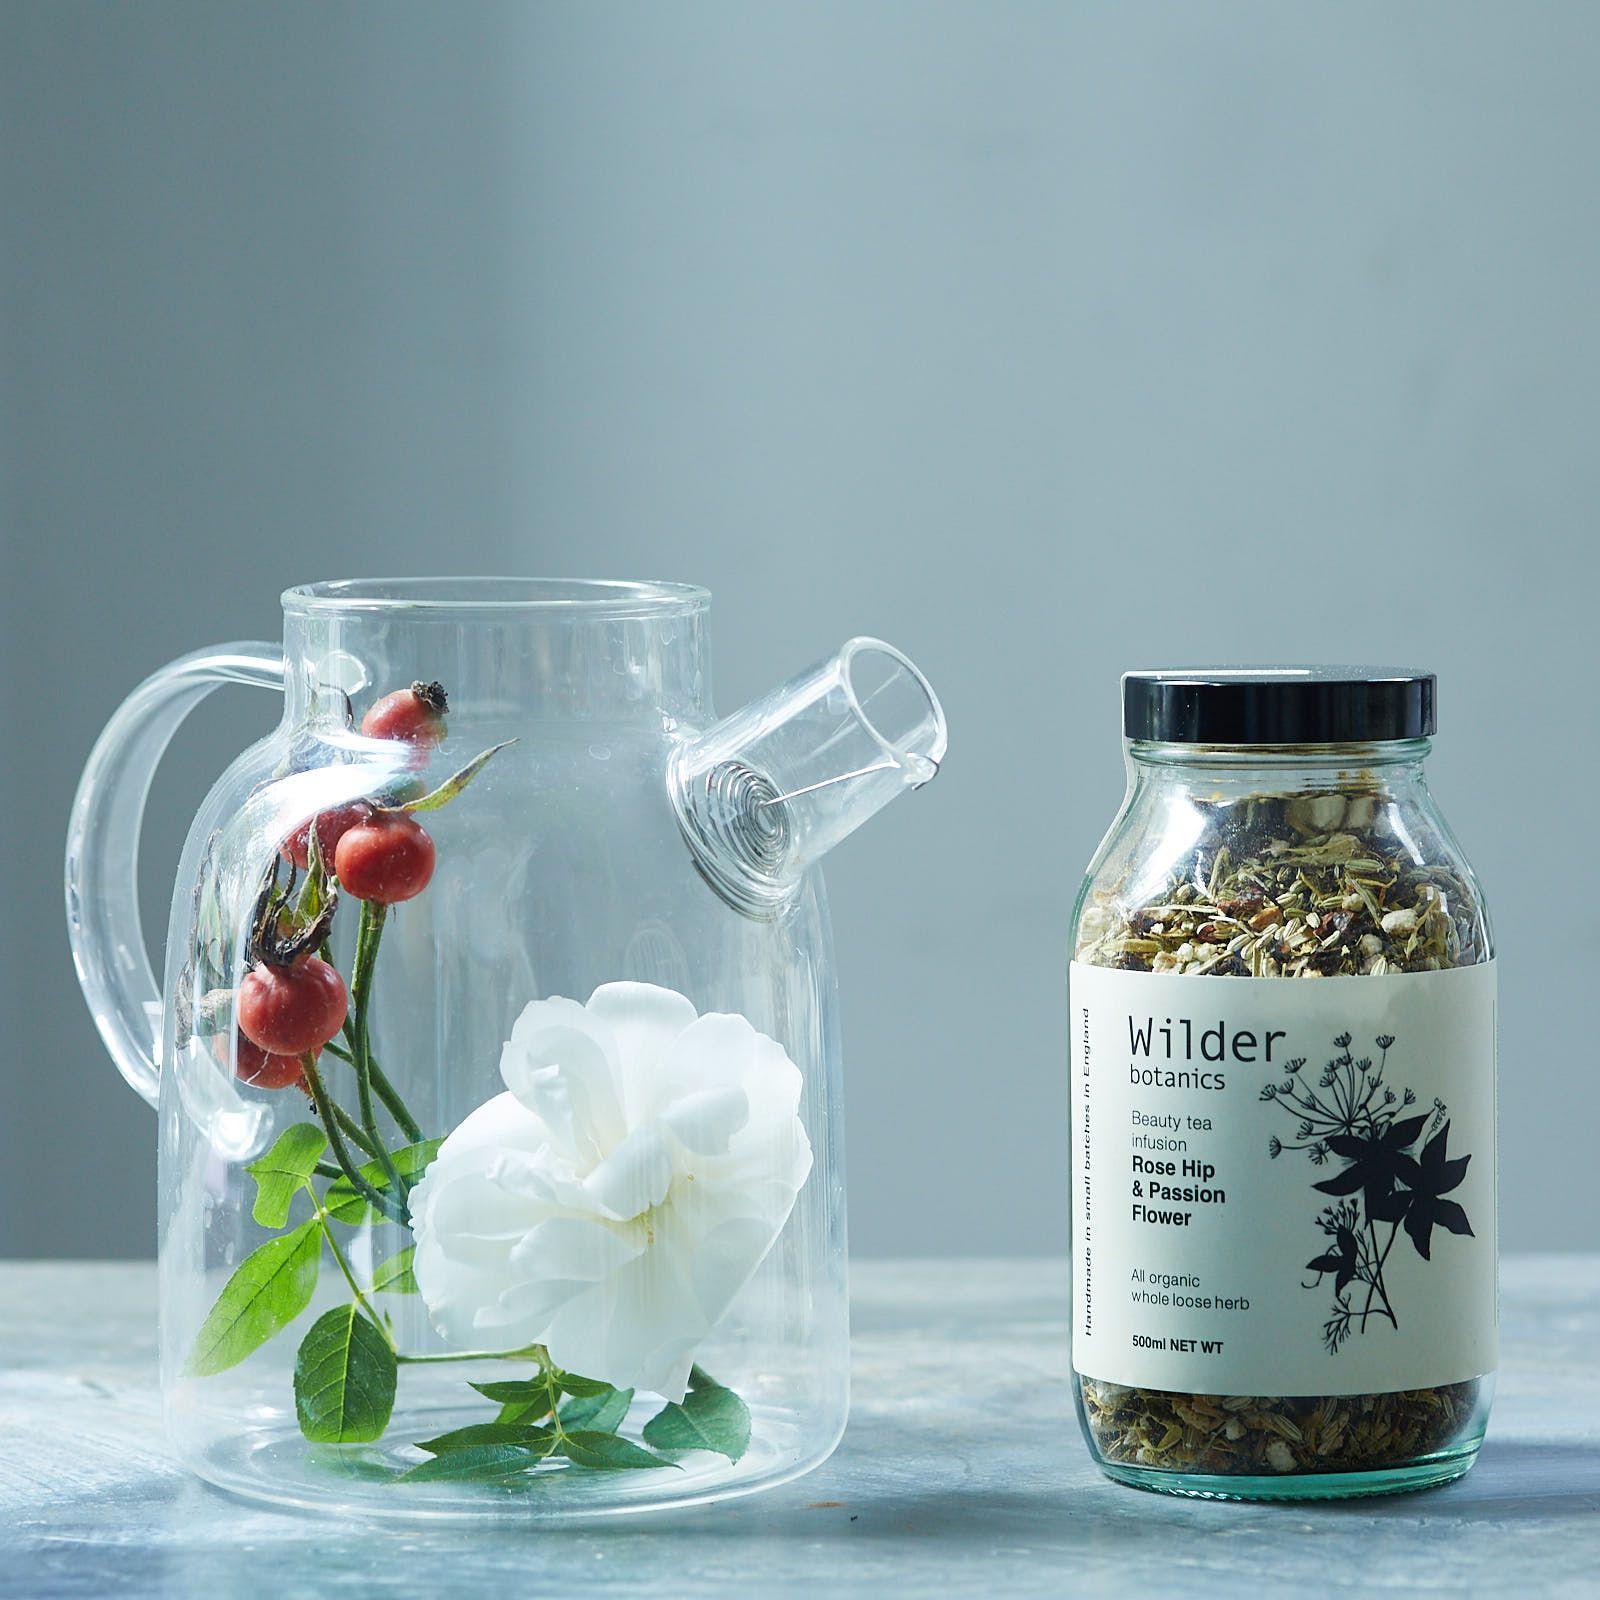 Herbal tea by wilderbotanics